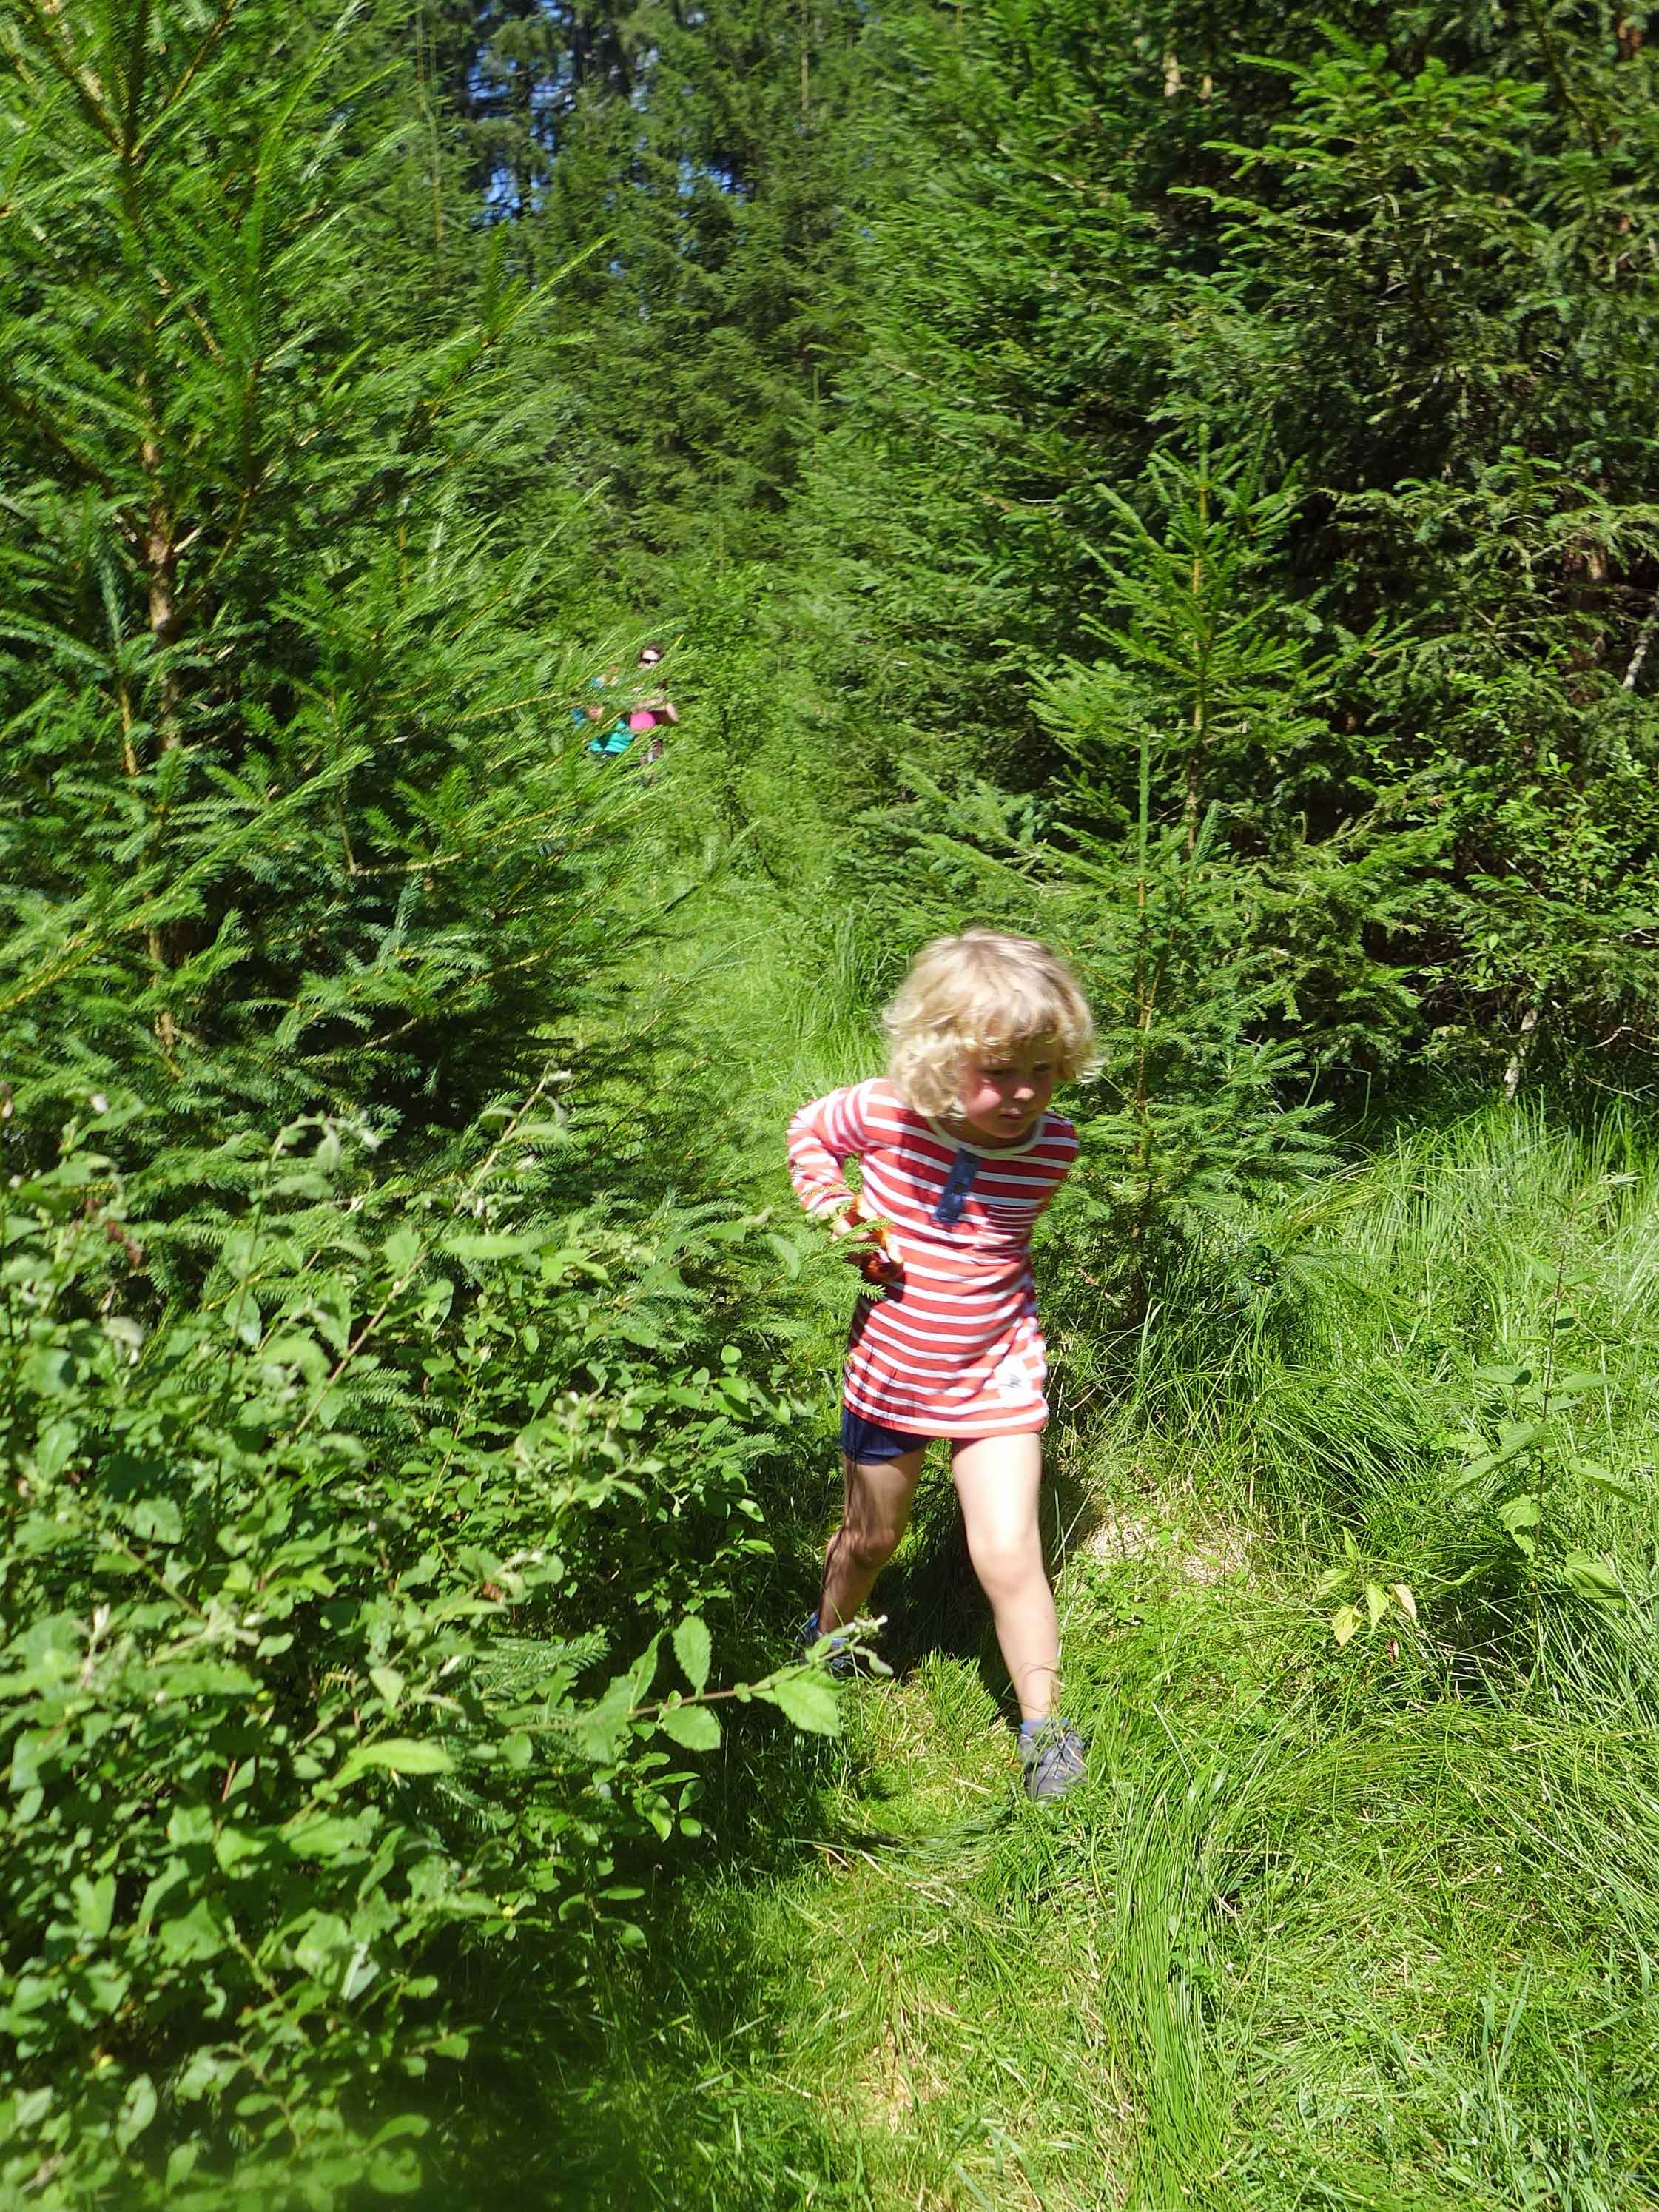 Kleinkind kämpft sich durch hohes, grünes Gras im Nationalpark Bayerischer Wald